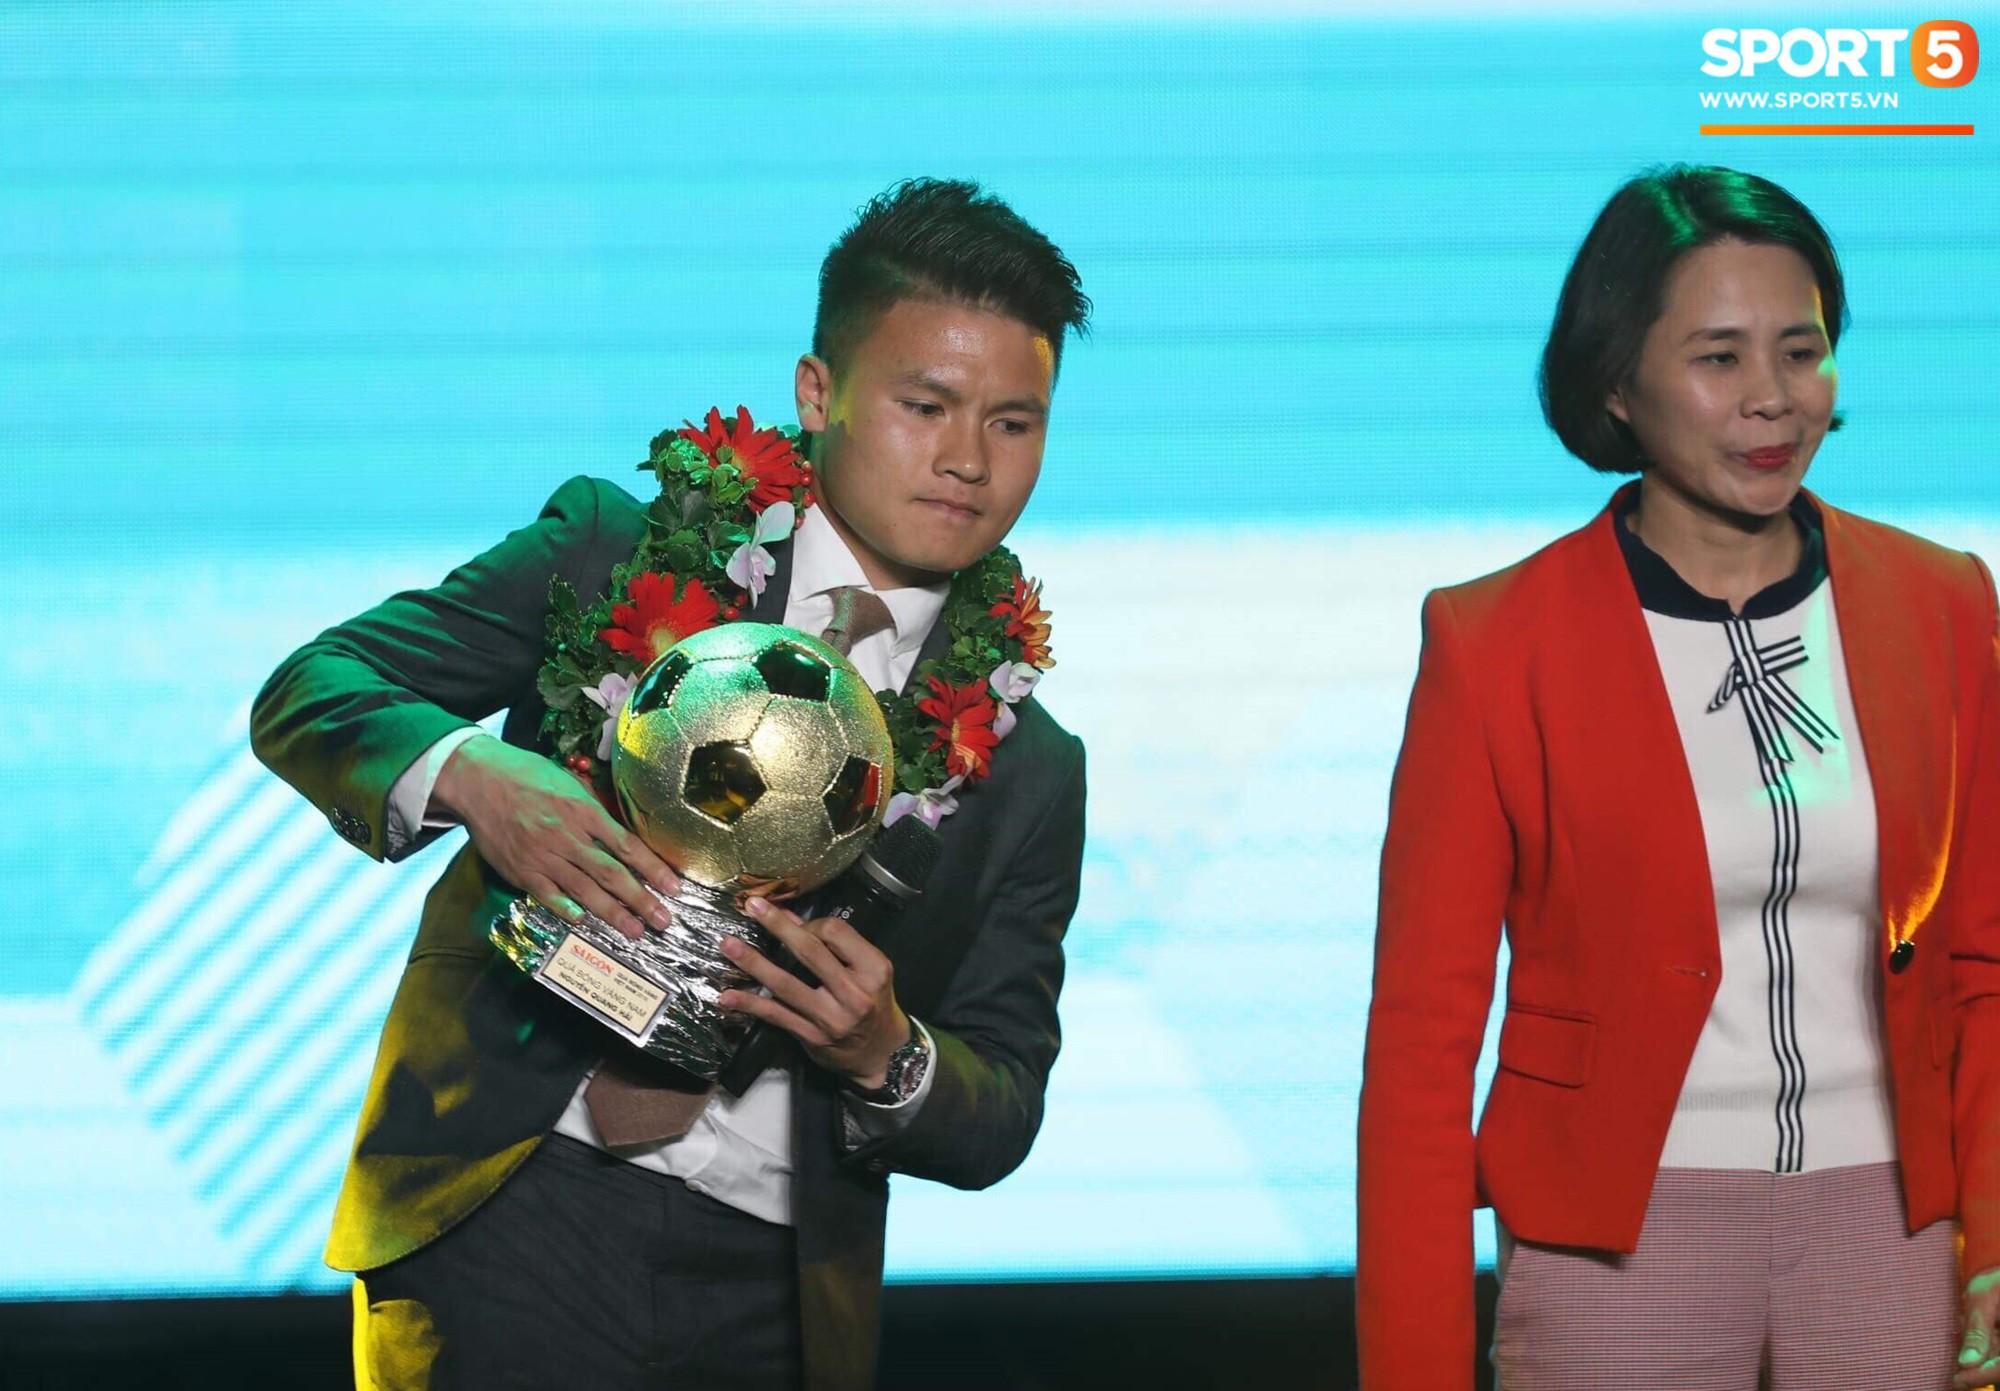 Người hâm mộ chưa hài lòng khi xem lễ trao giải Quả bóng vàng 2018 - Ảnh 6.